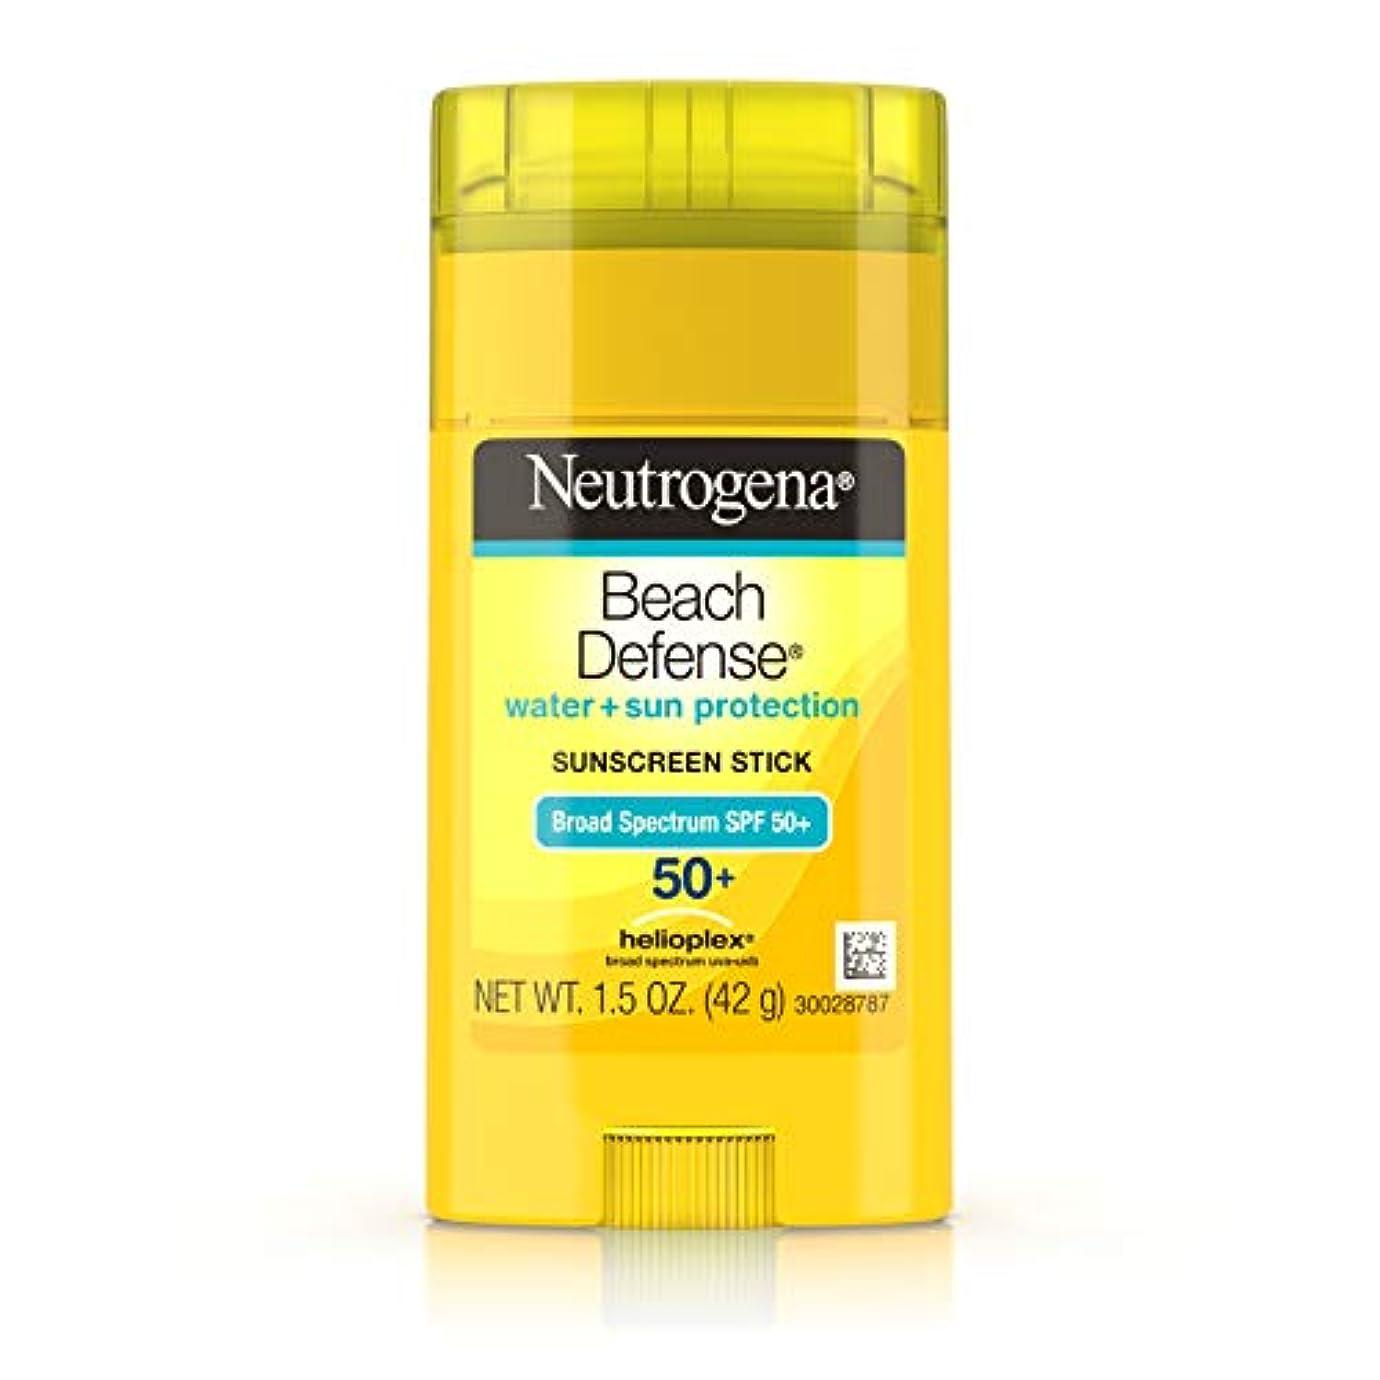 かみそり呼び出す悪行Neutrogena Sunscreen Beach Defense Sunblock Stick SPF 50, 1.5 Ounce